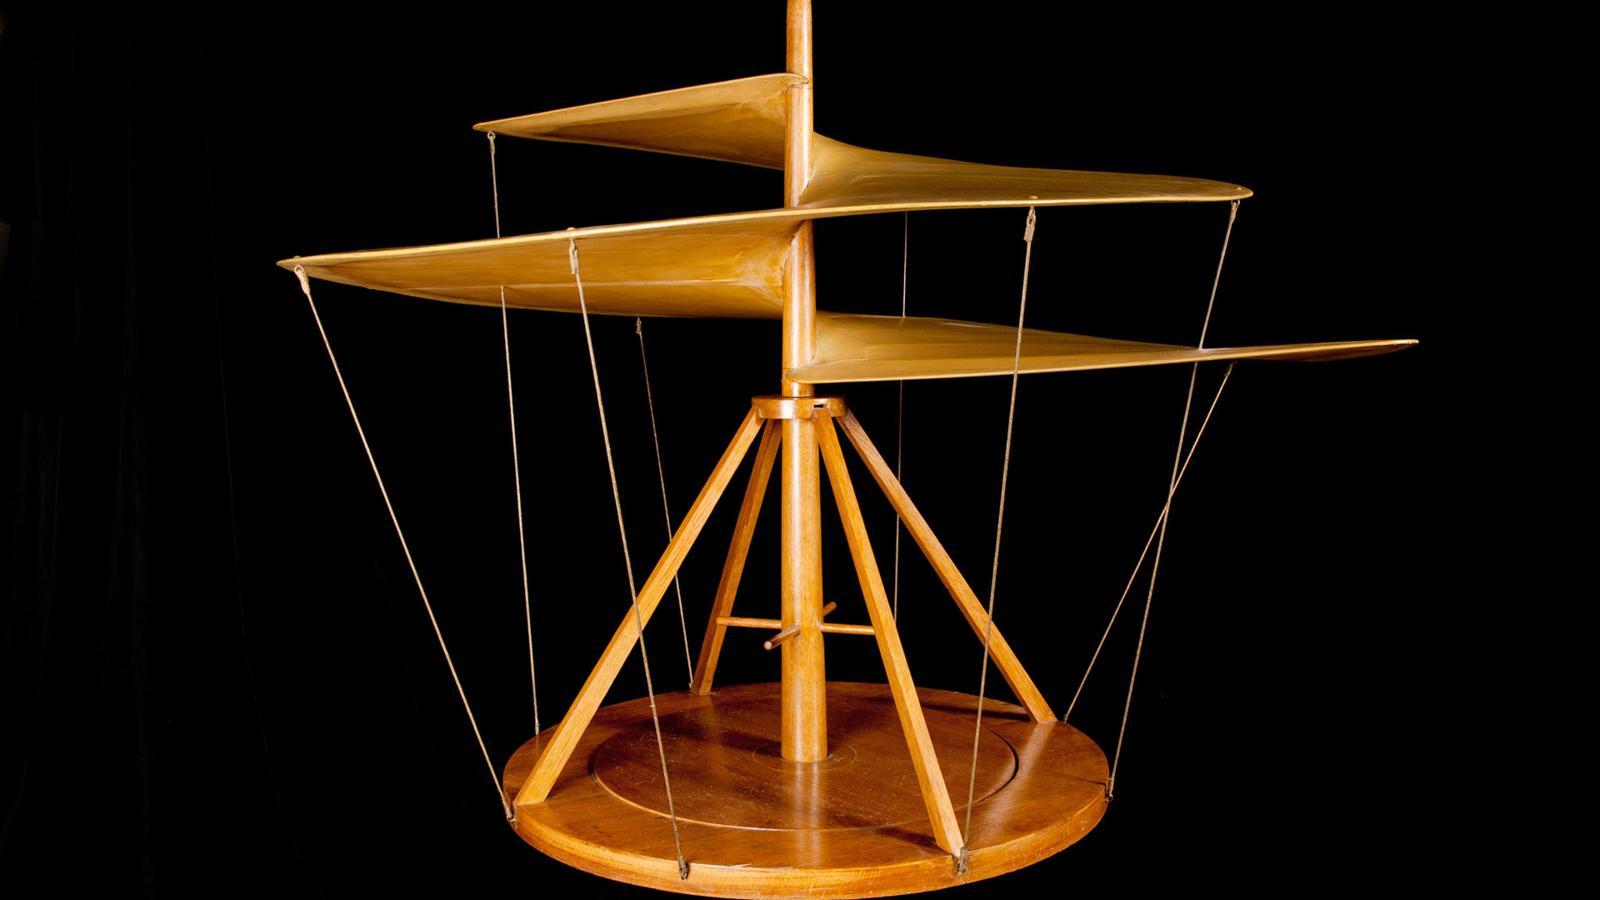 Những phát minh thể hiện trí tuệ siêu phàm của Leonardo da Vinci - Ảnh 16.